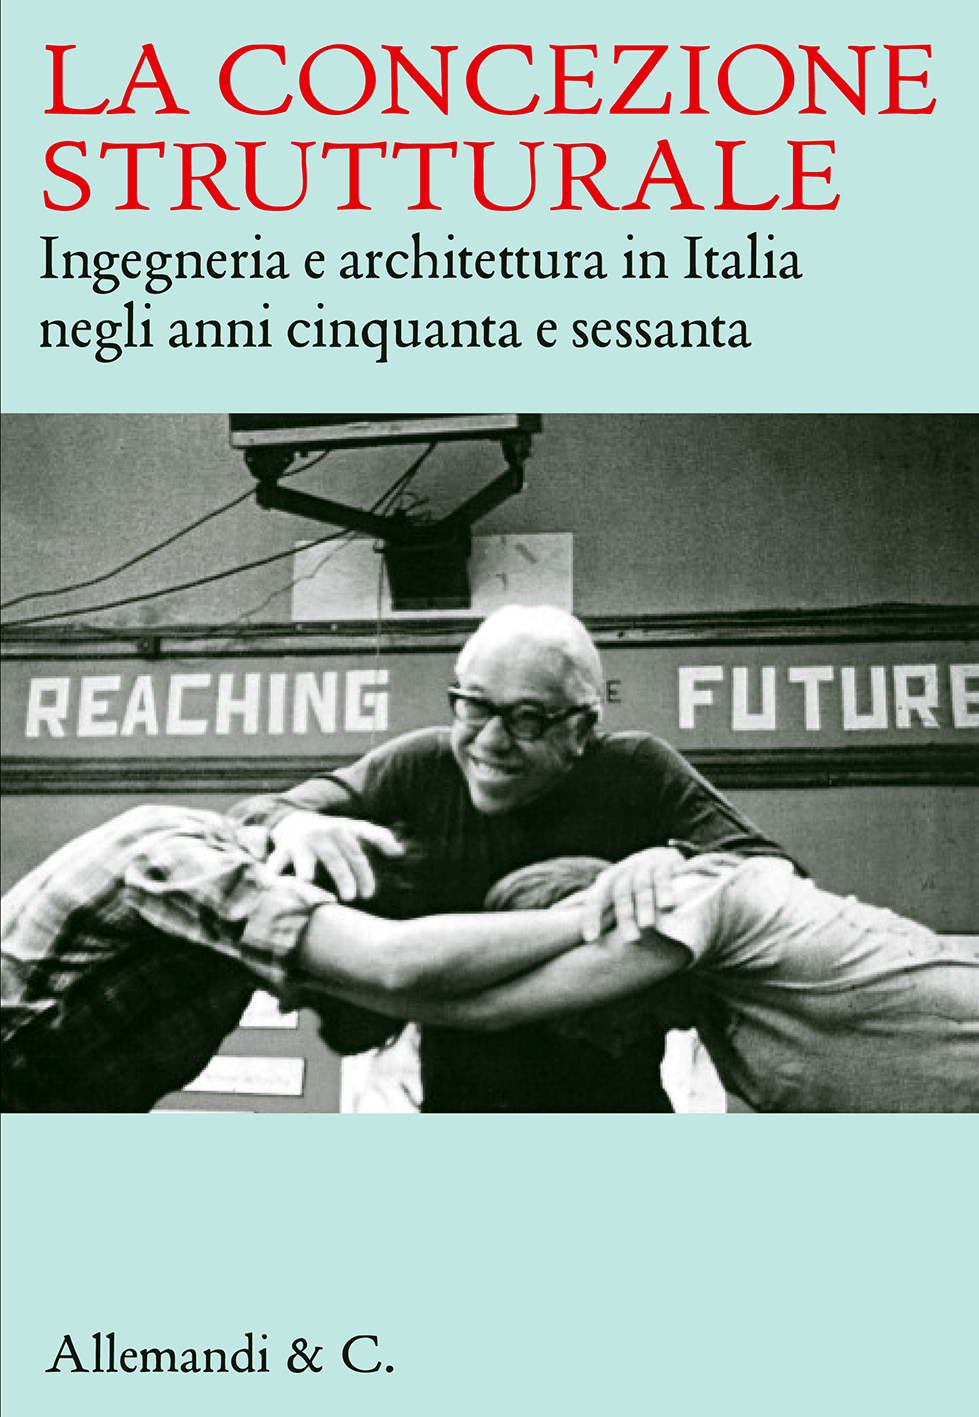 La concezione strutturale